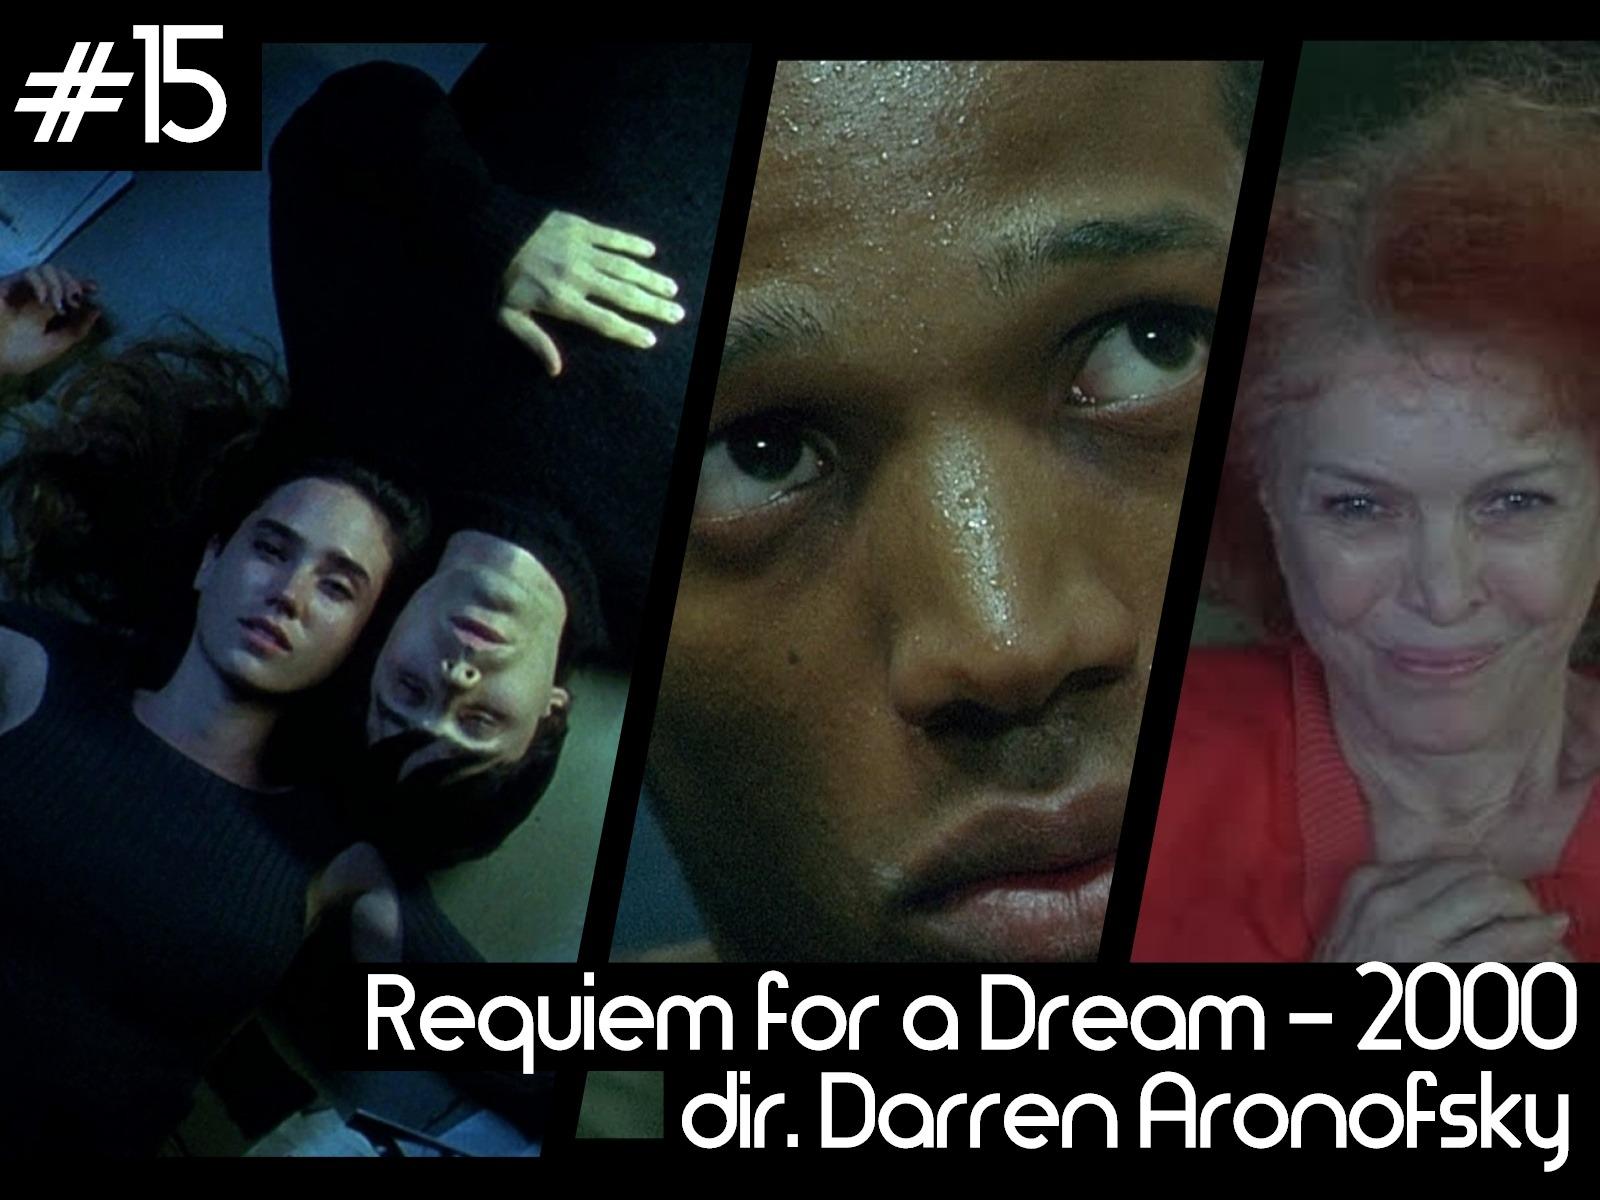 15 - requiem for a dream.jpg